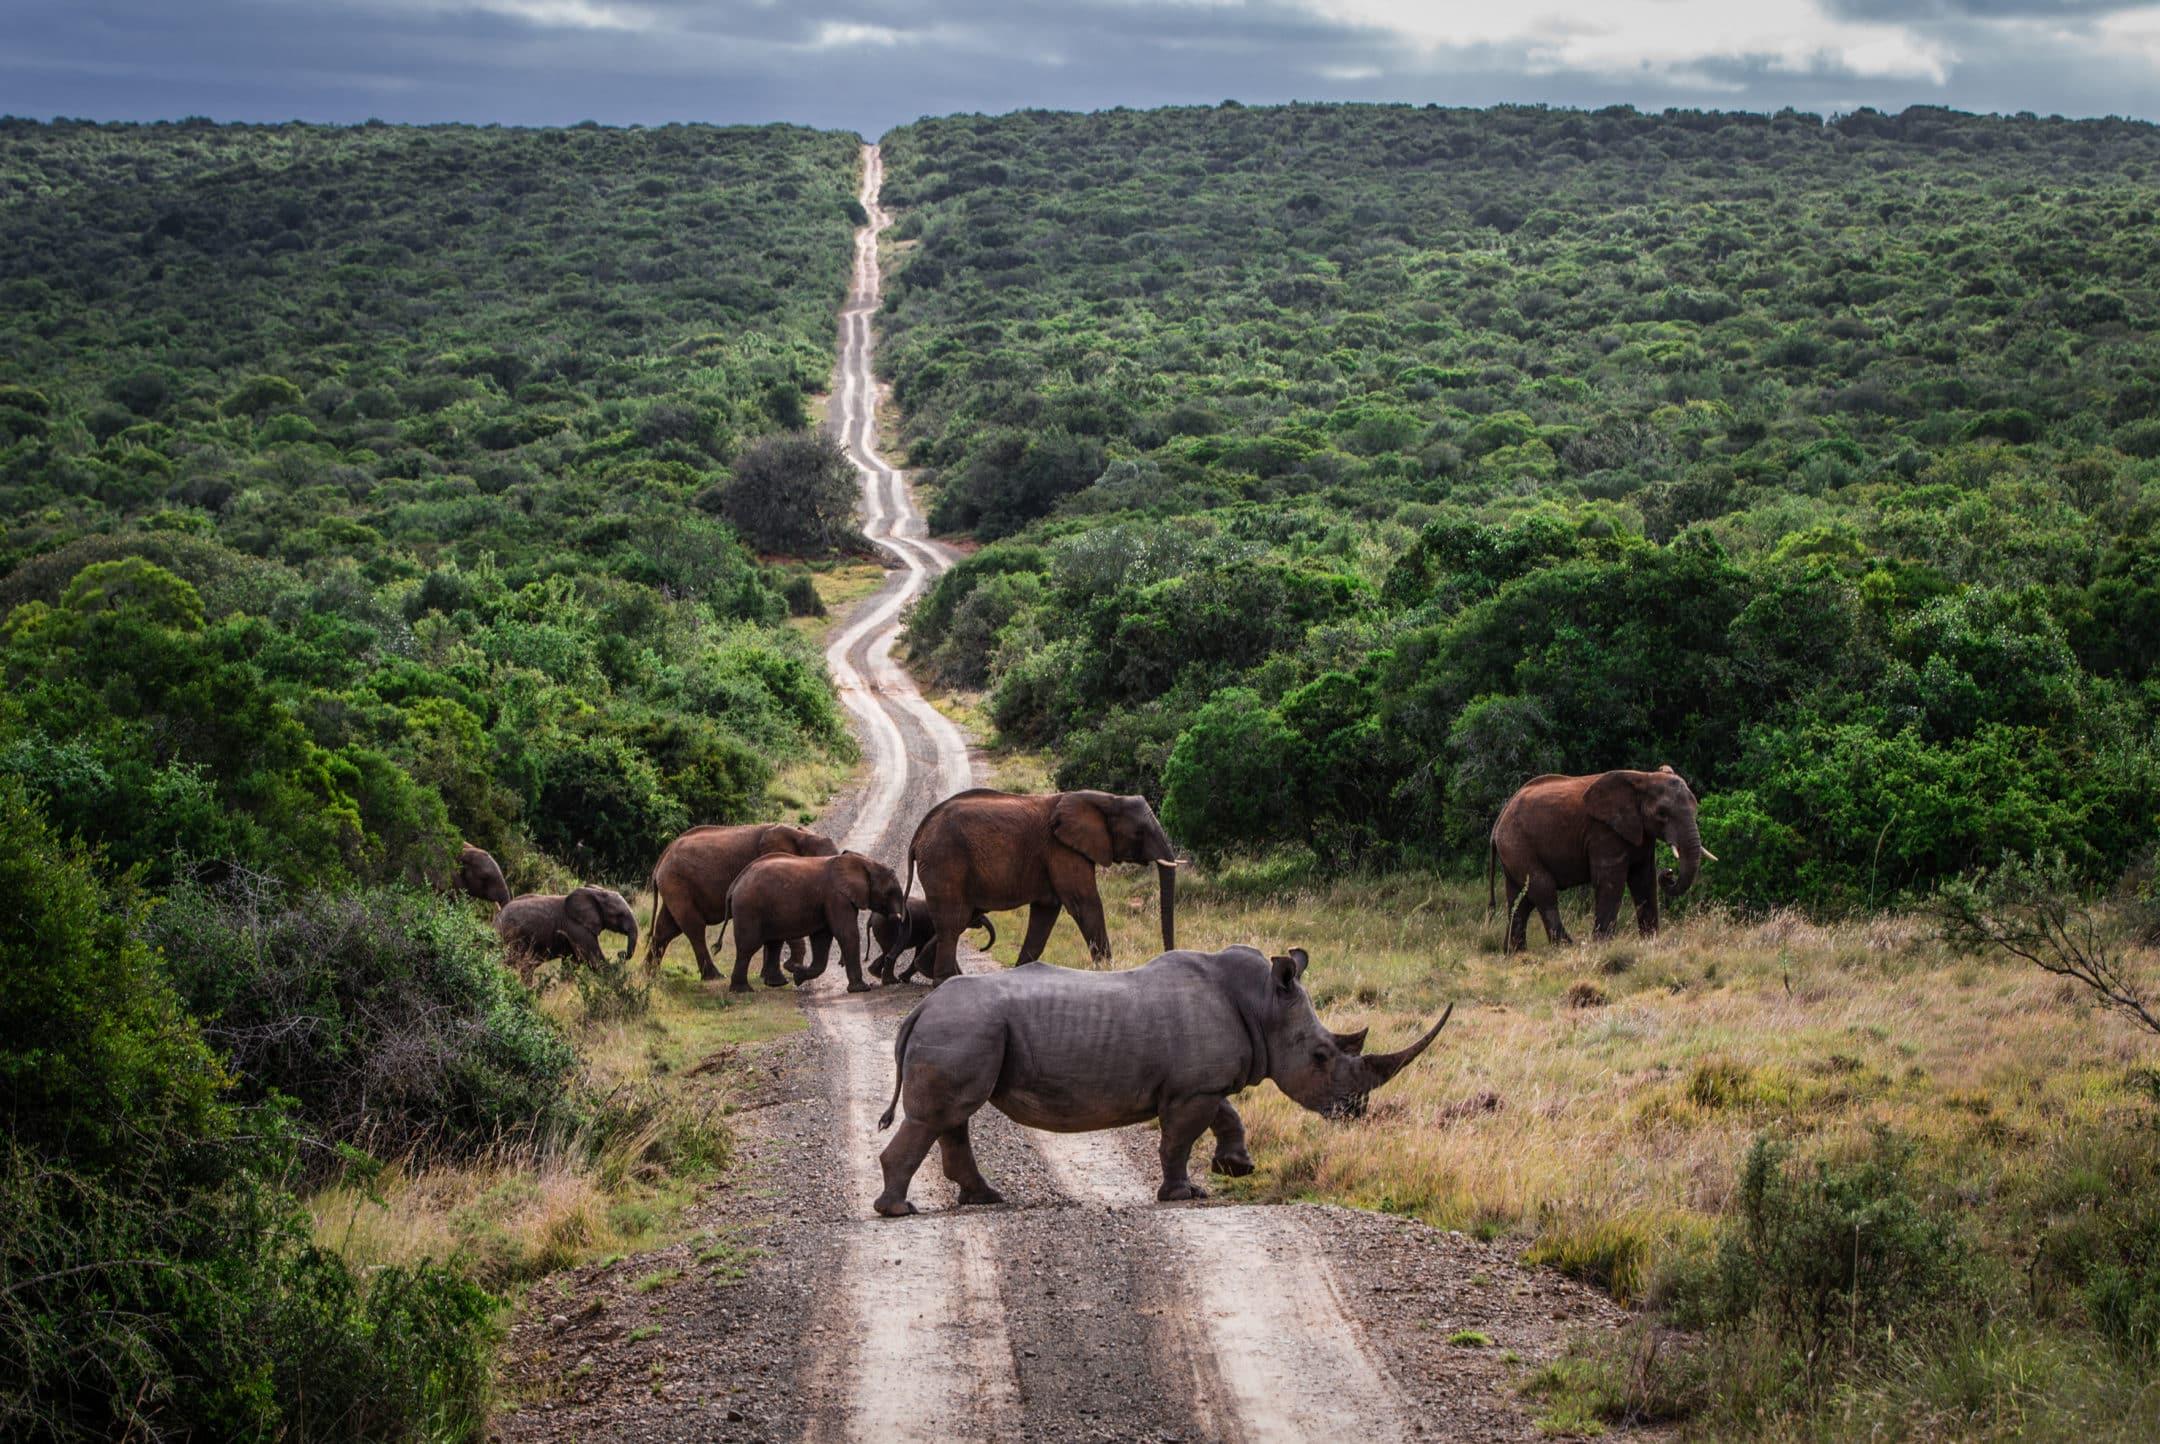 Rhino and Elephants